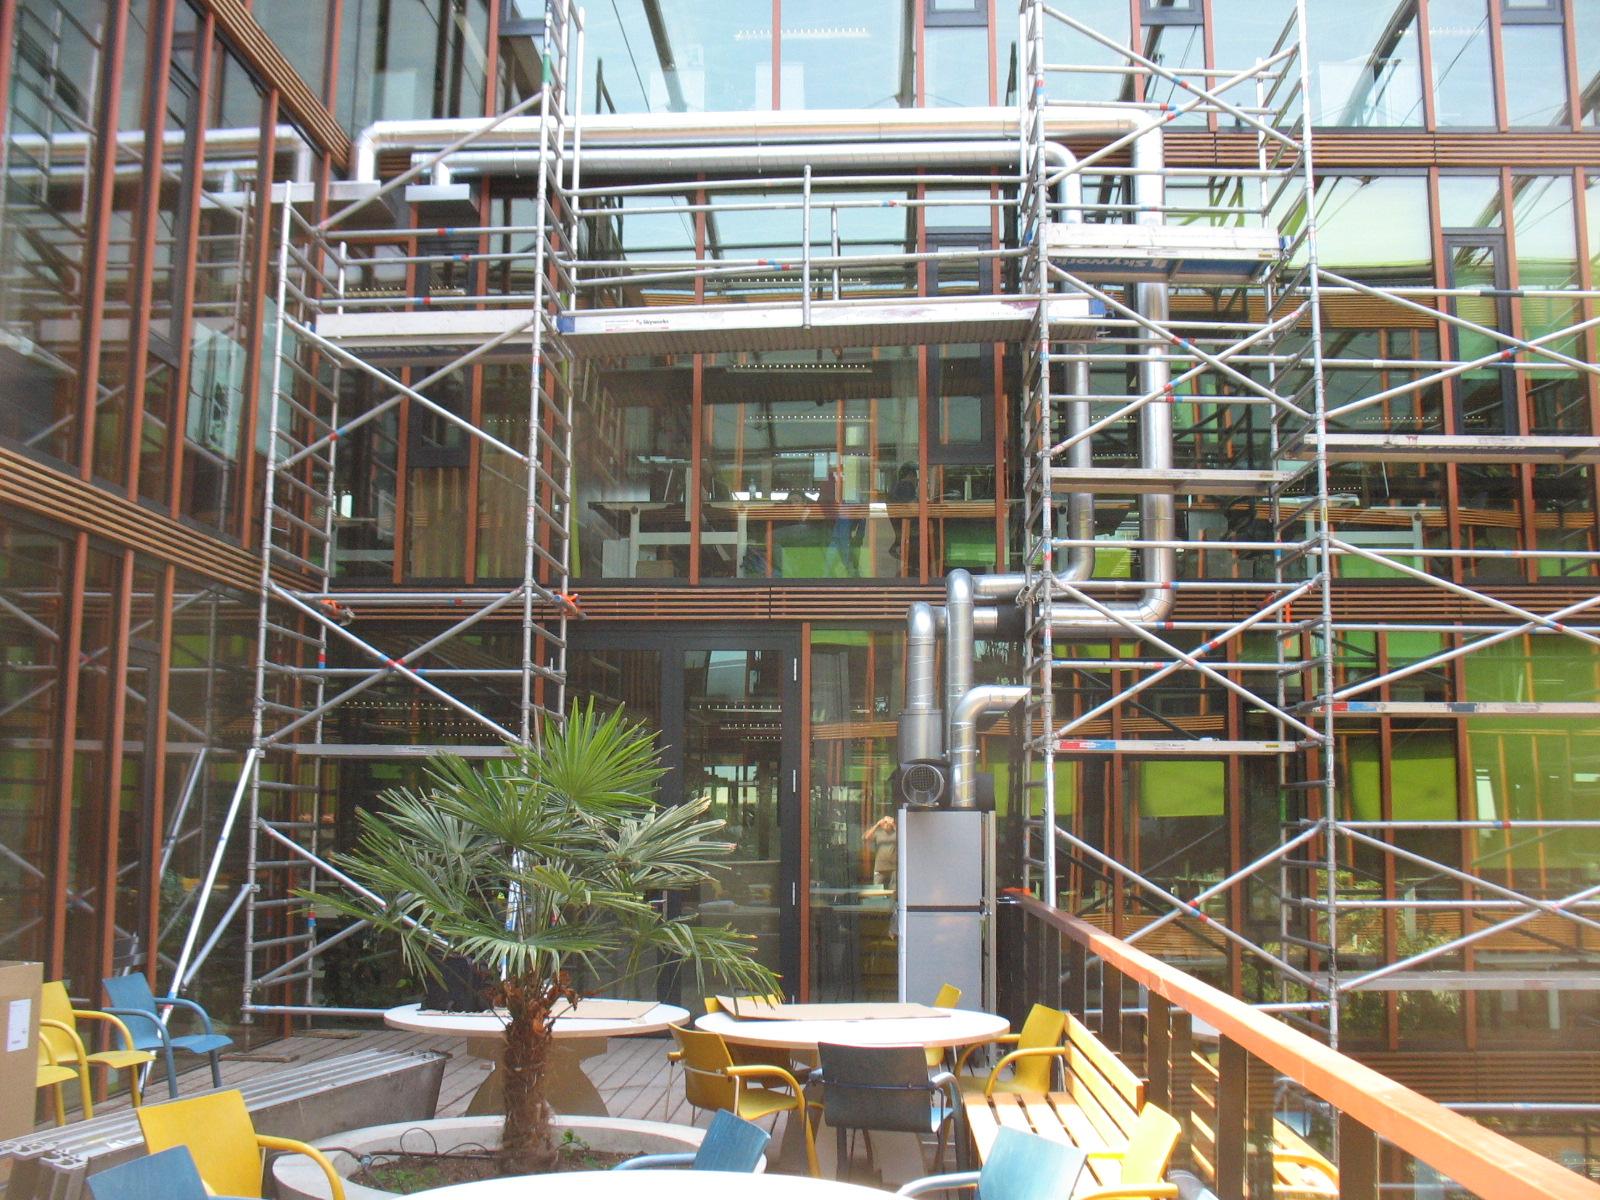 Verbeteren klimaat WUR Radix gebouw 05